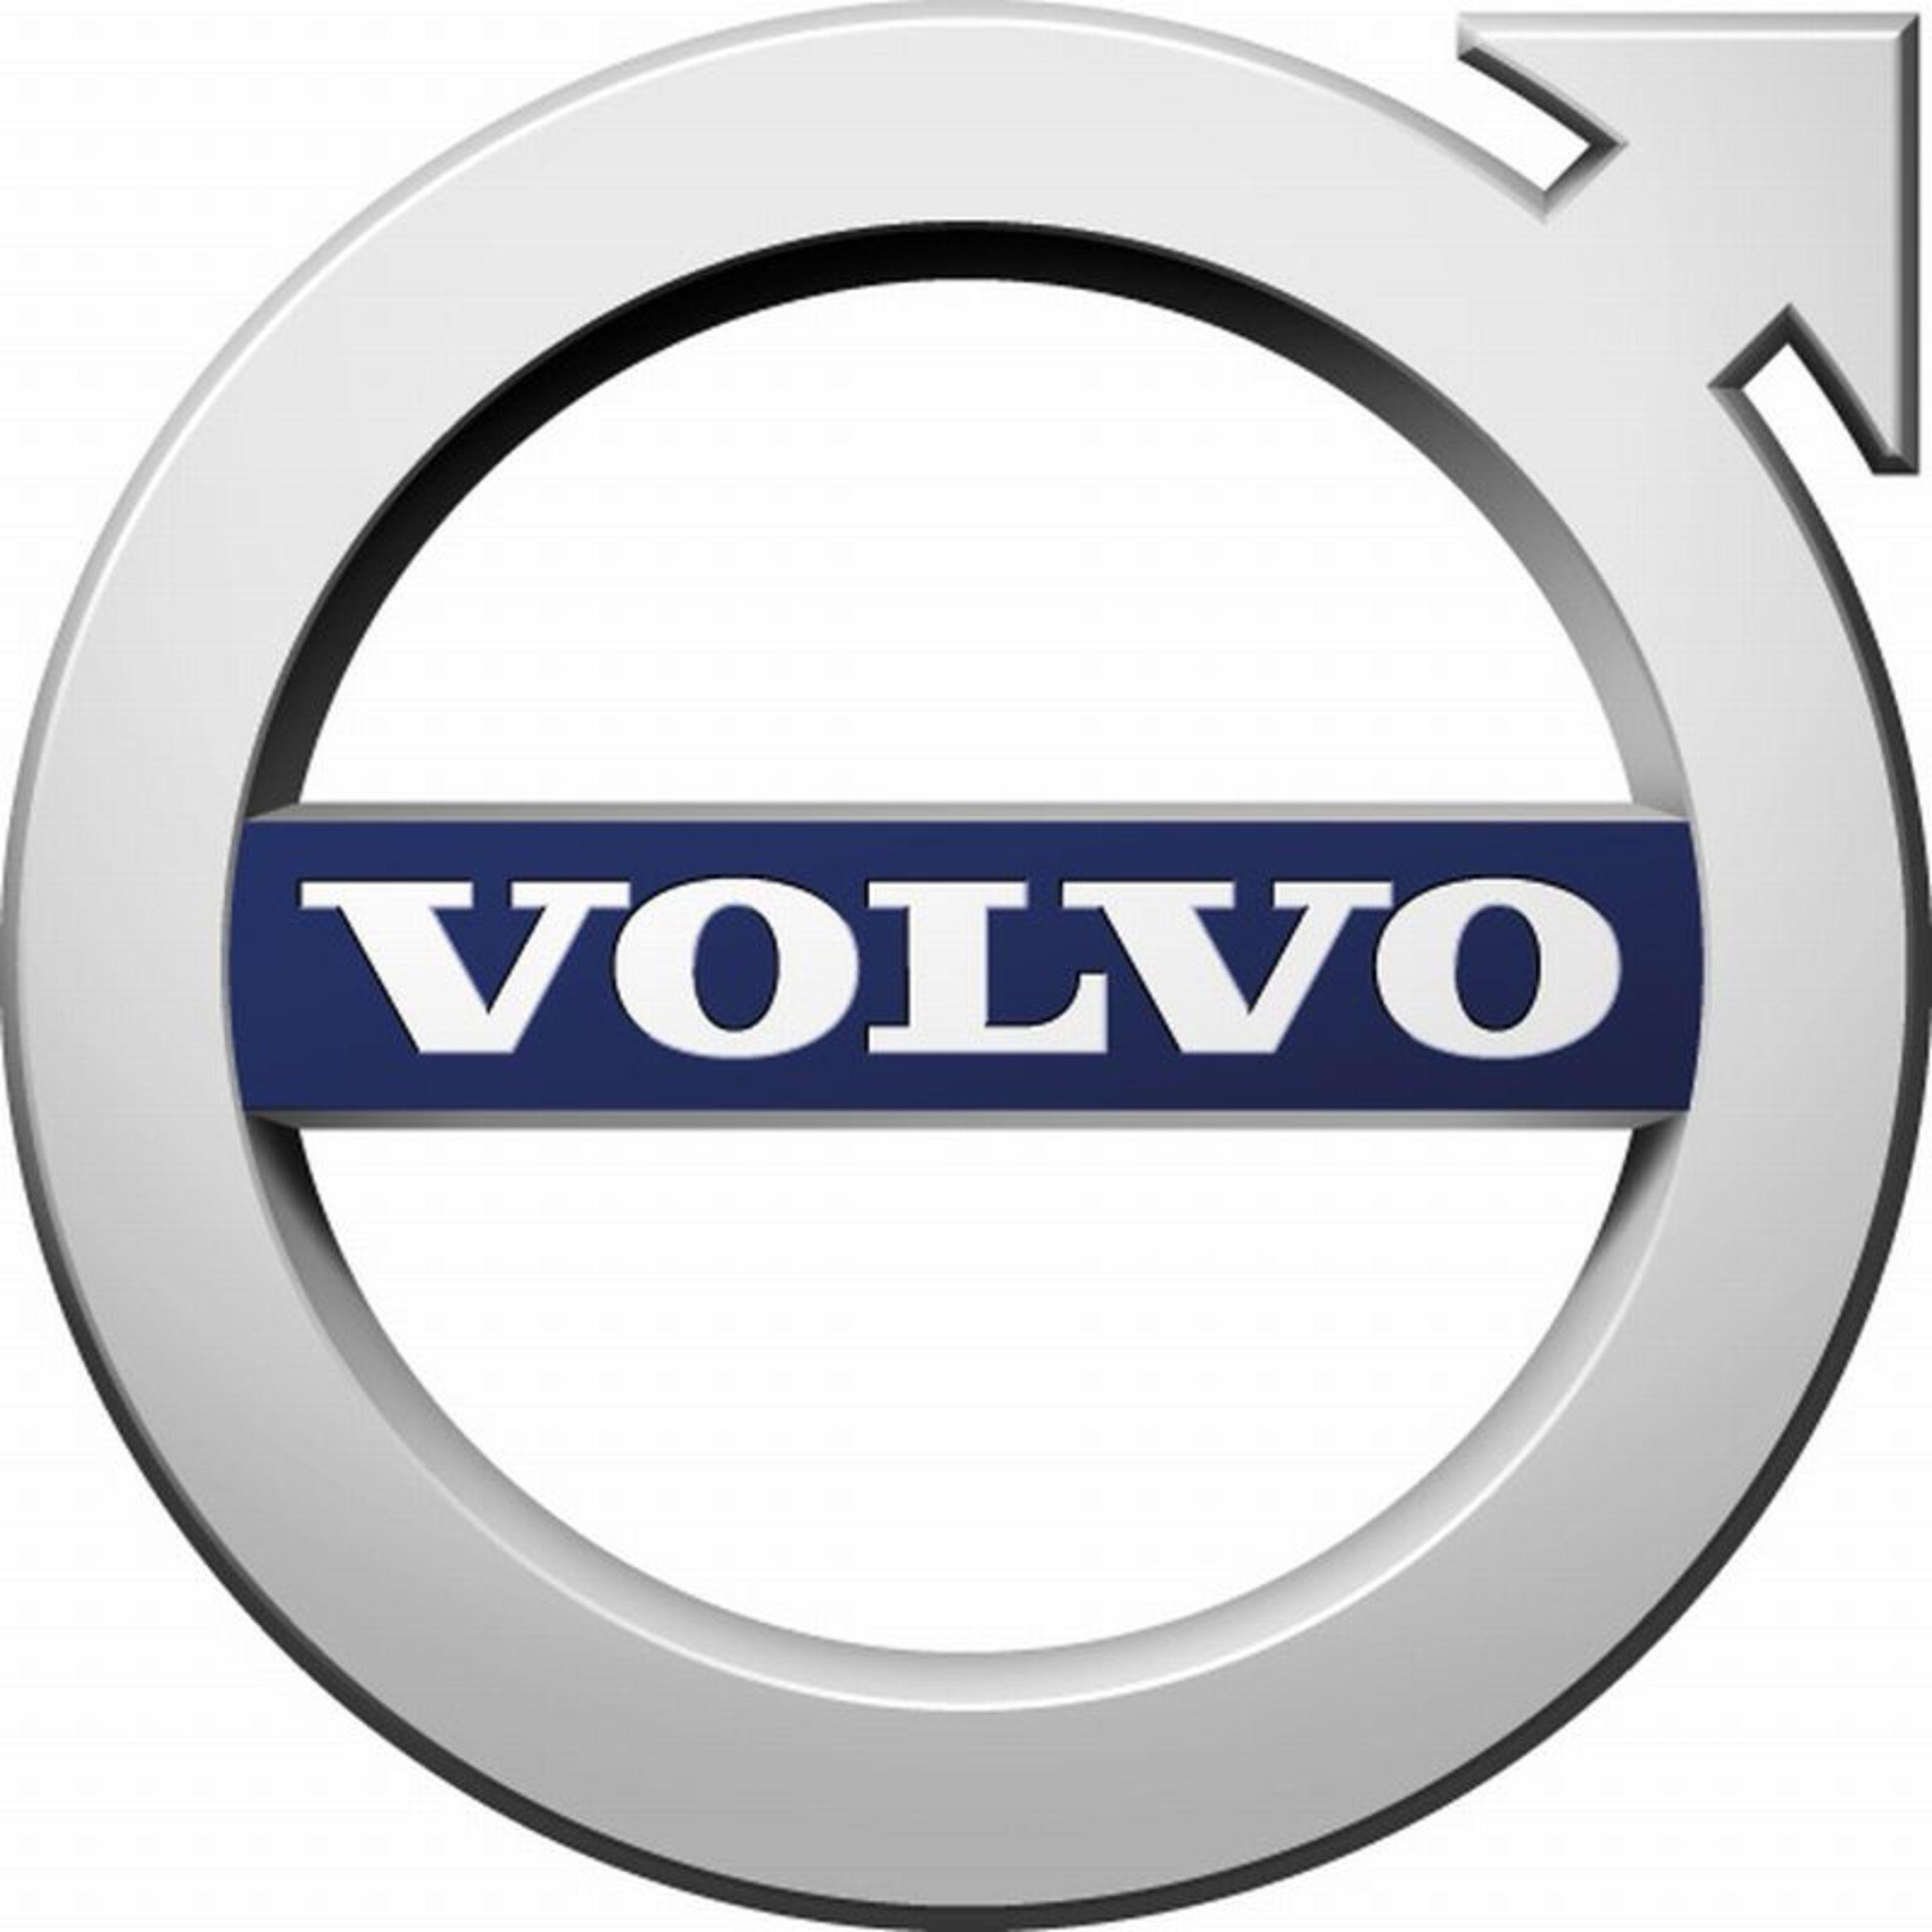 Volvo Car Group Logo (PRNewsFoto/Volvo Car Group)